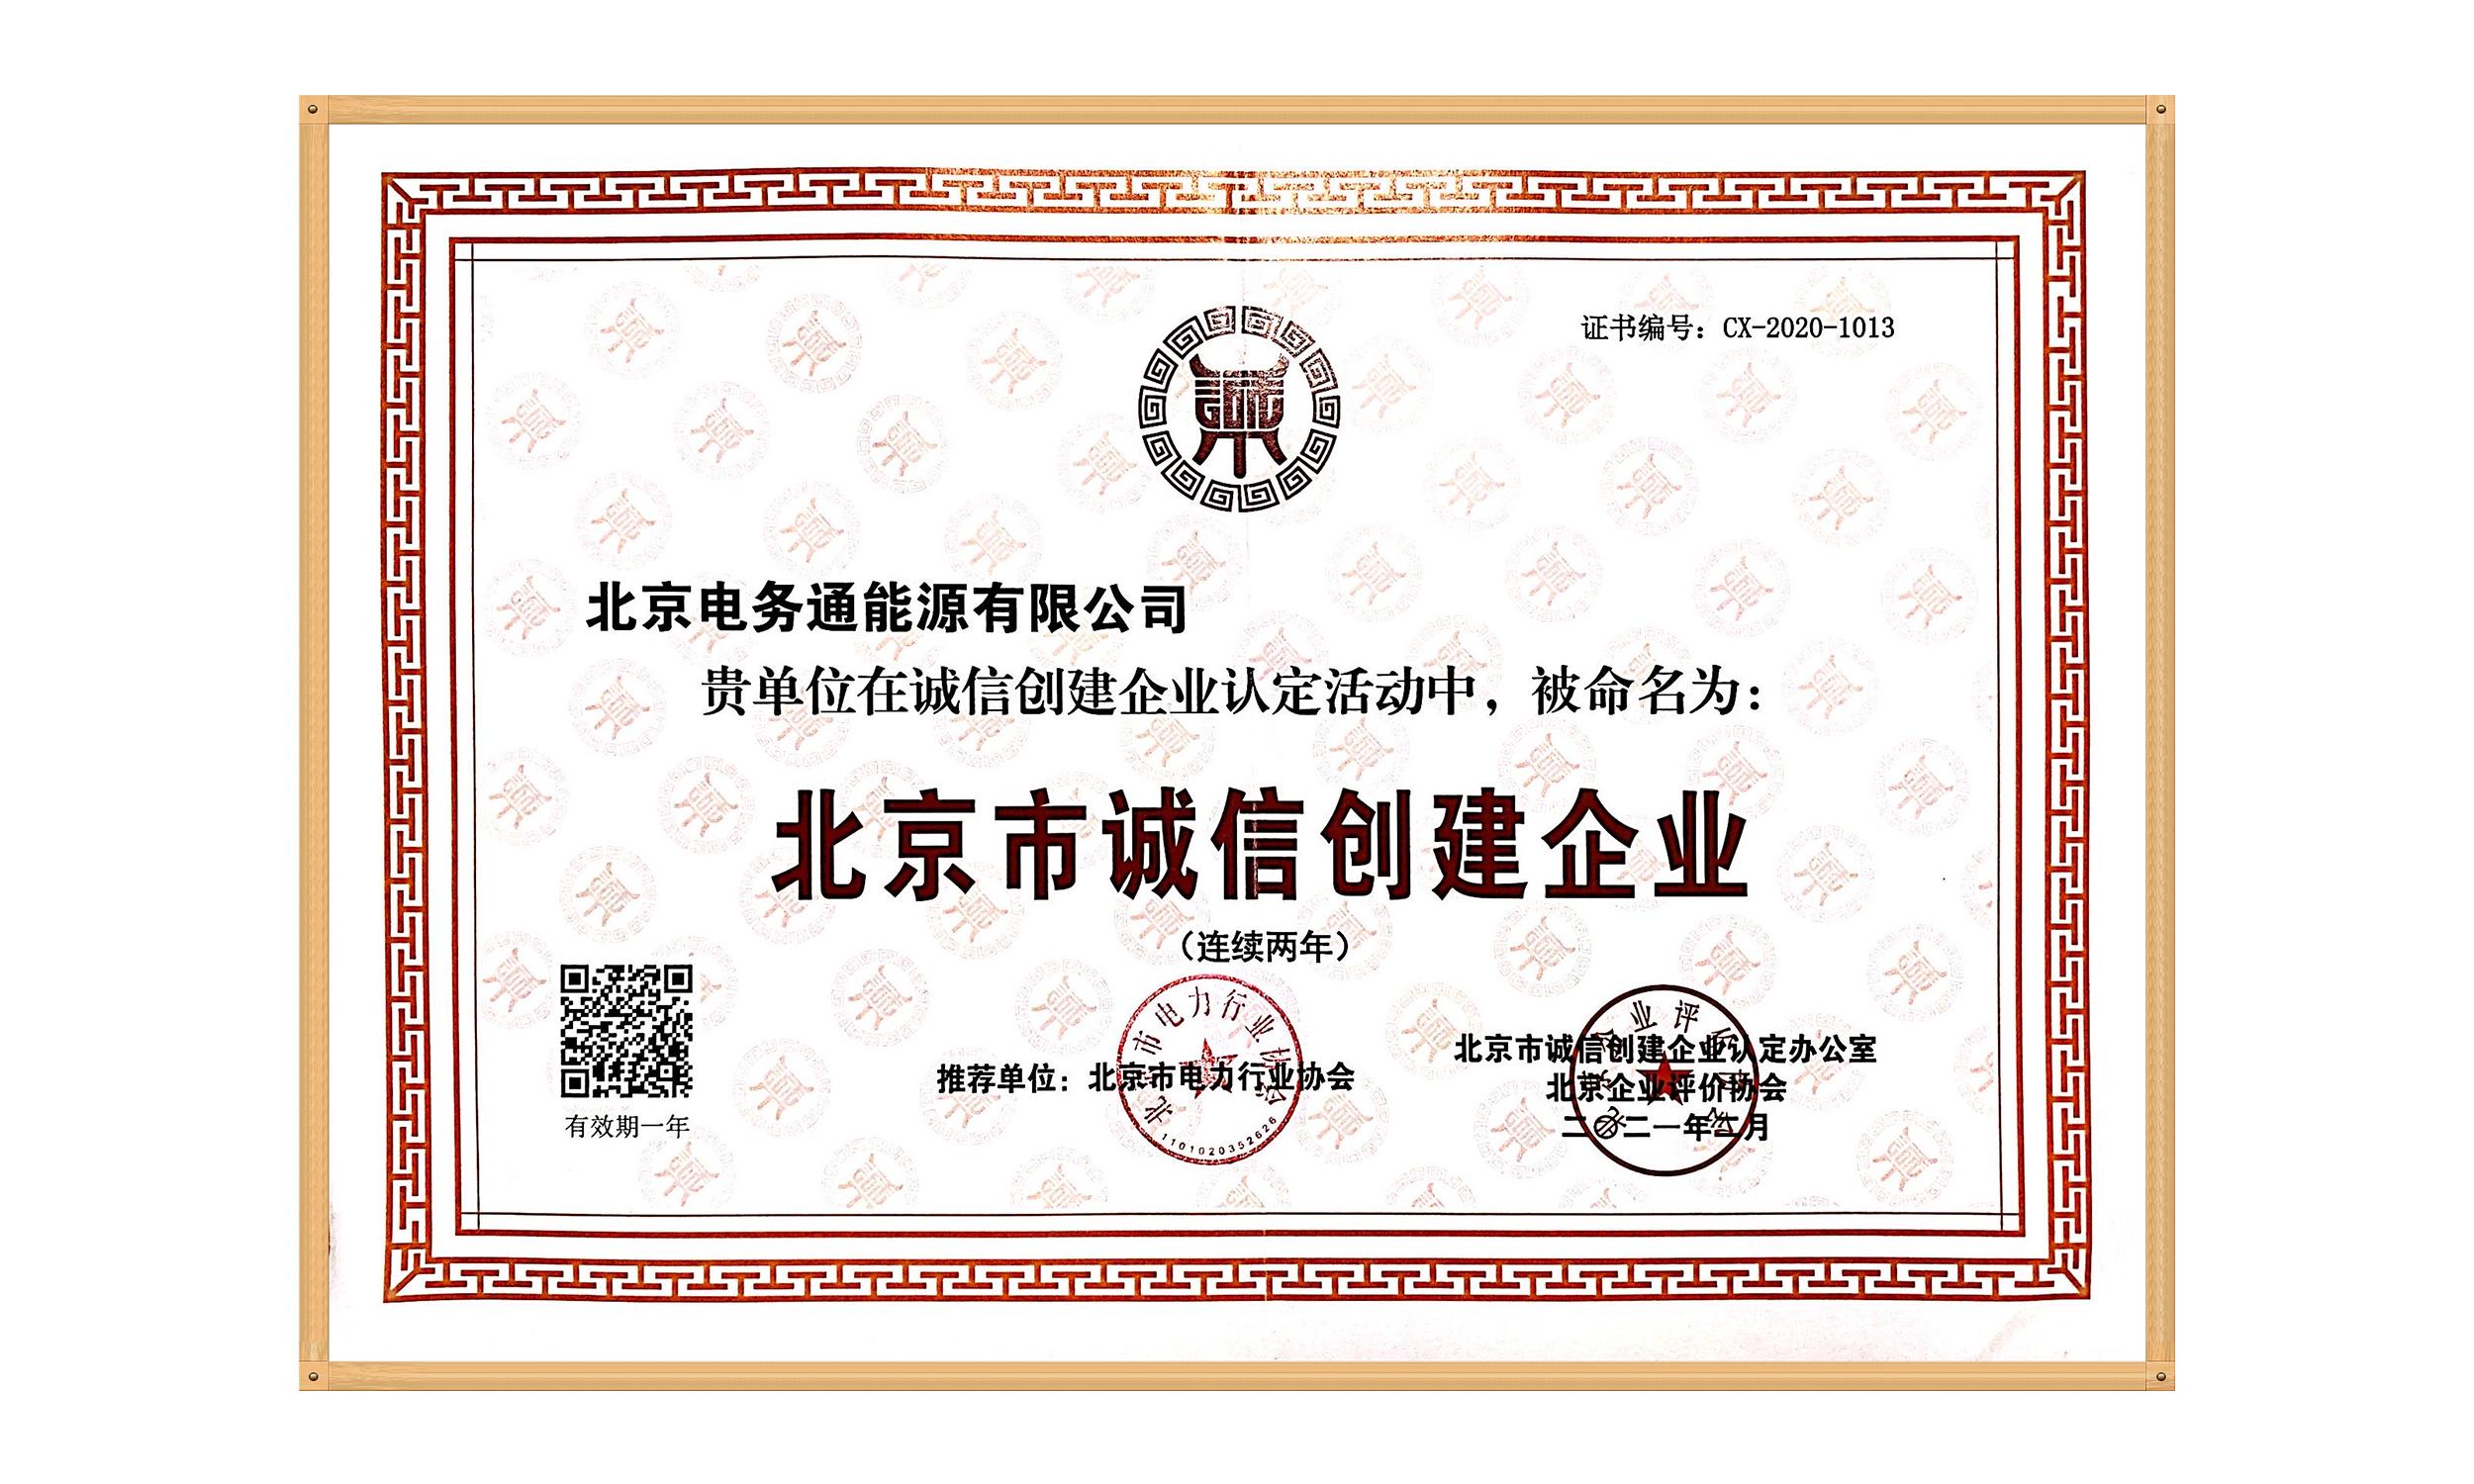 北京電務通榮獲《北京市誠信創建企業》榮譽證書!